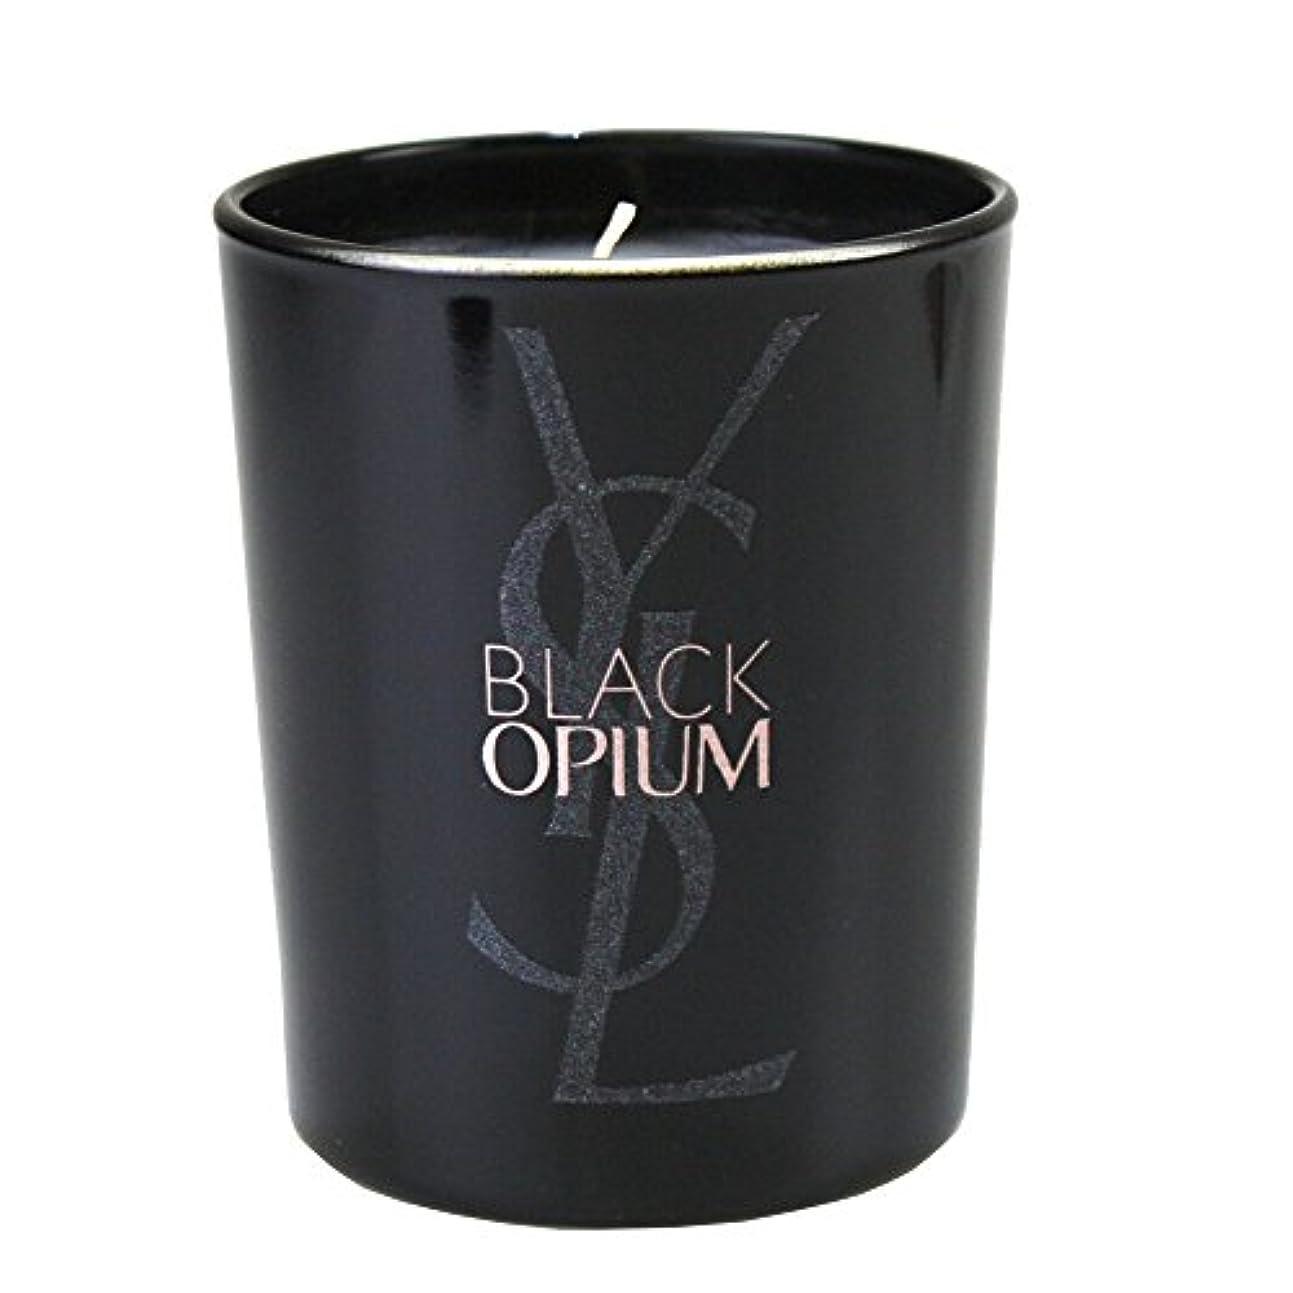 プライバシー全部資金(イヴ サンローラン) Yves saint Laurent アロマキャンドル パリジェンヌ BLACK OPIUM 化粧 メイク コスメ ロゴ 黒 ブラック フルーティー フローラル コーヒー ジャスミンティーペタル